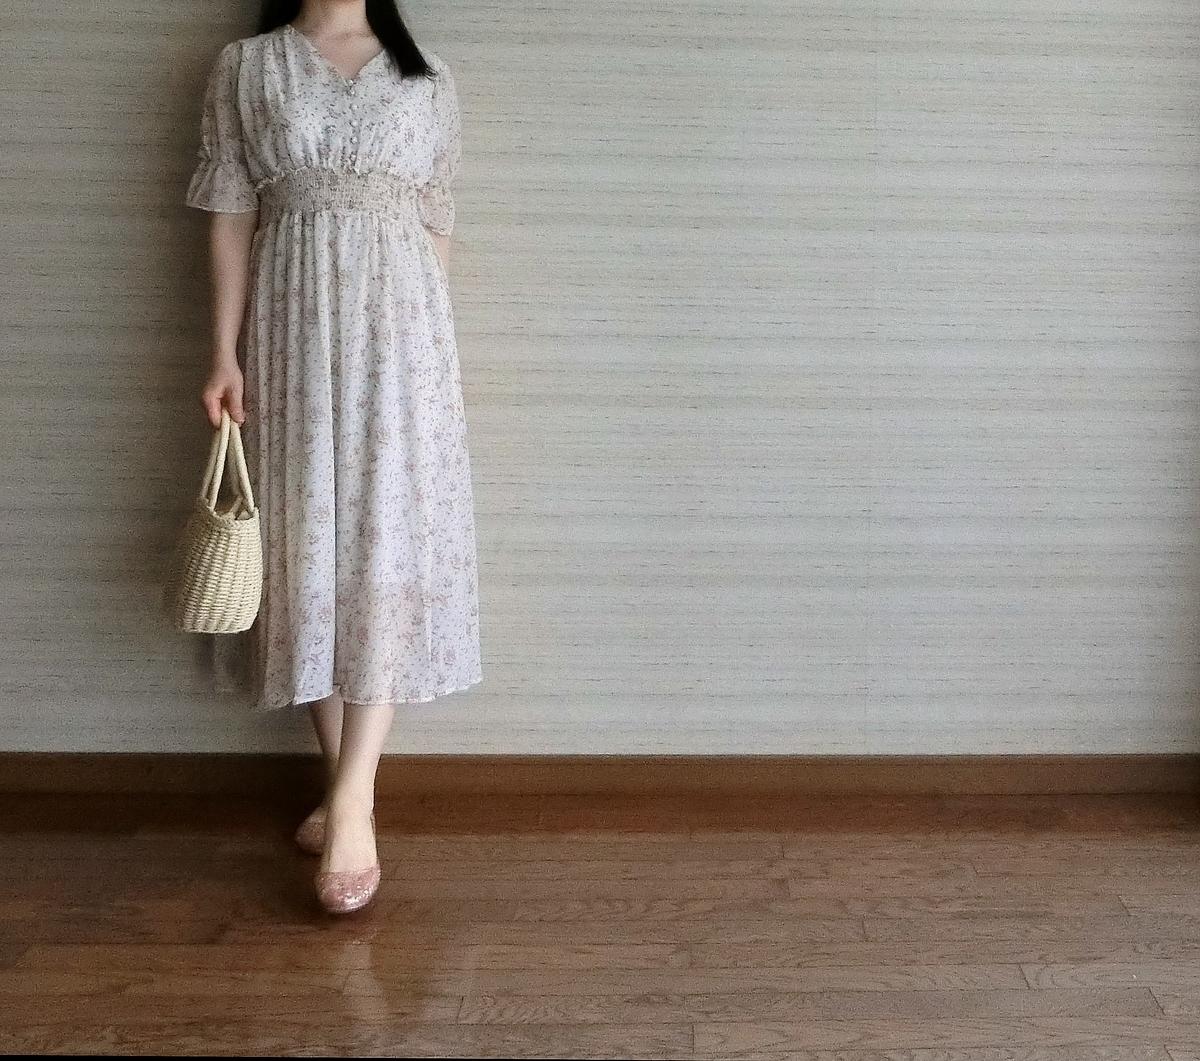 f:id:yasukawafashion:20210817114322j:plain